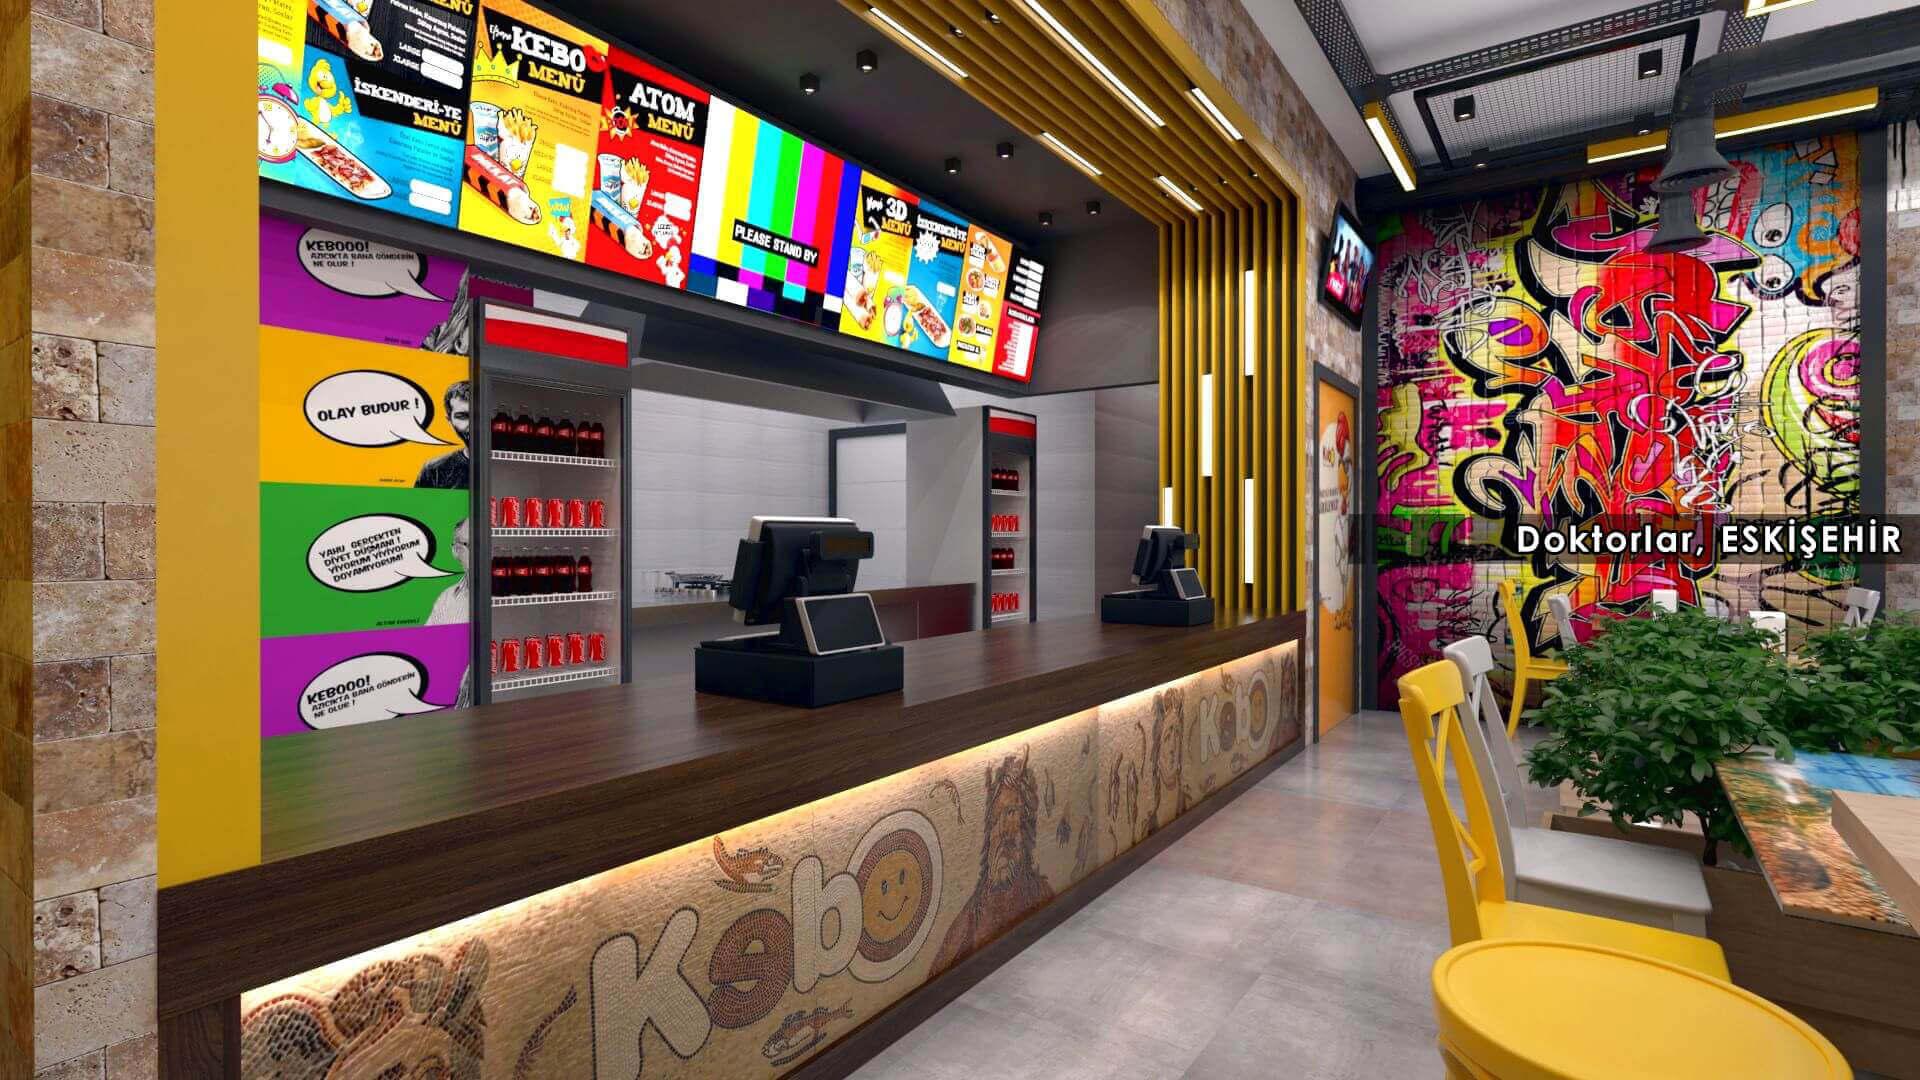 2122 Kebo 2018 Restaurants